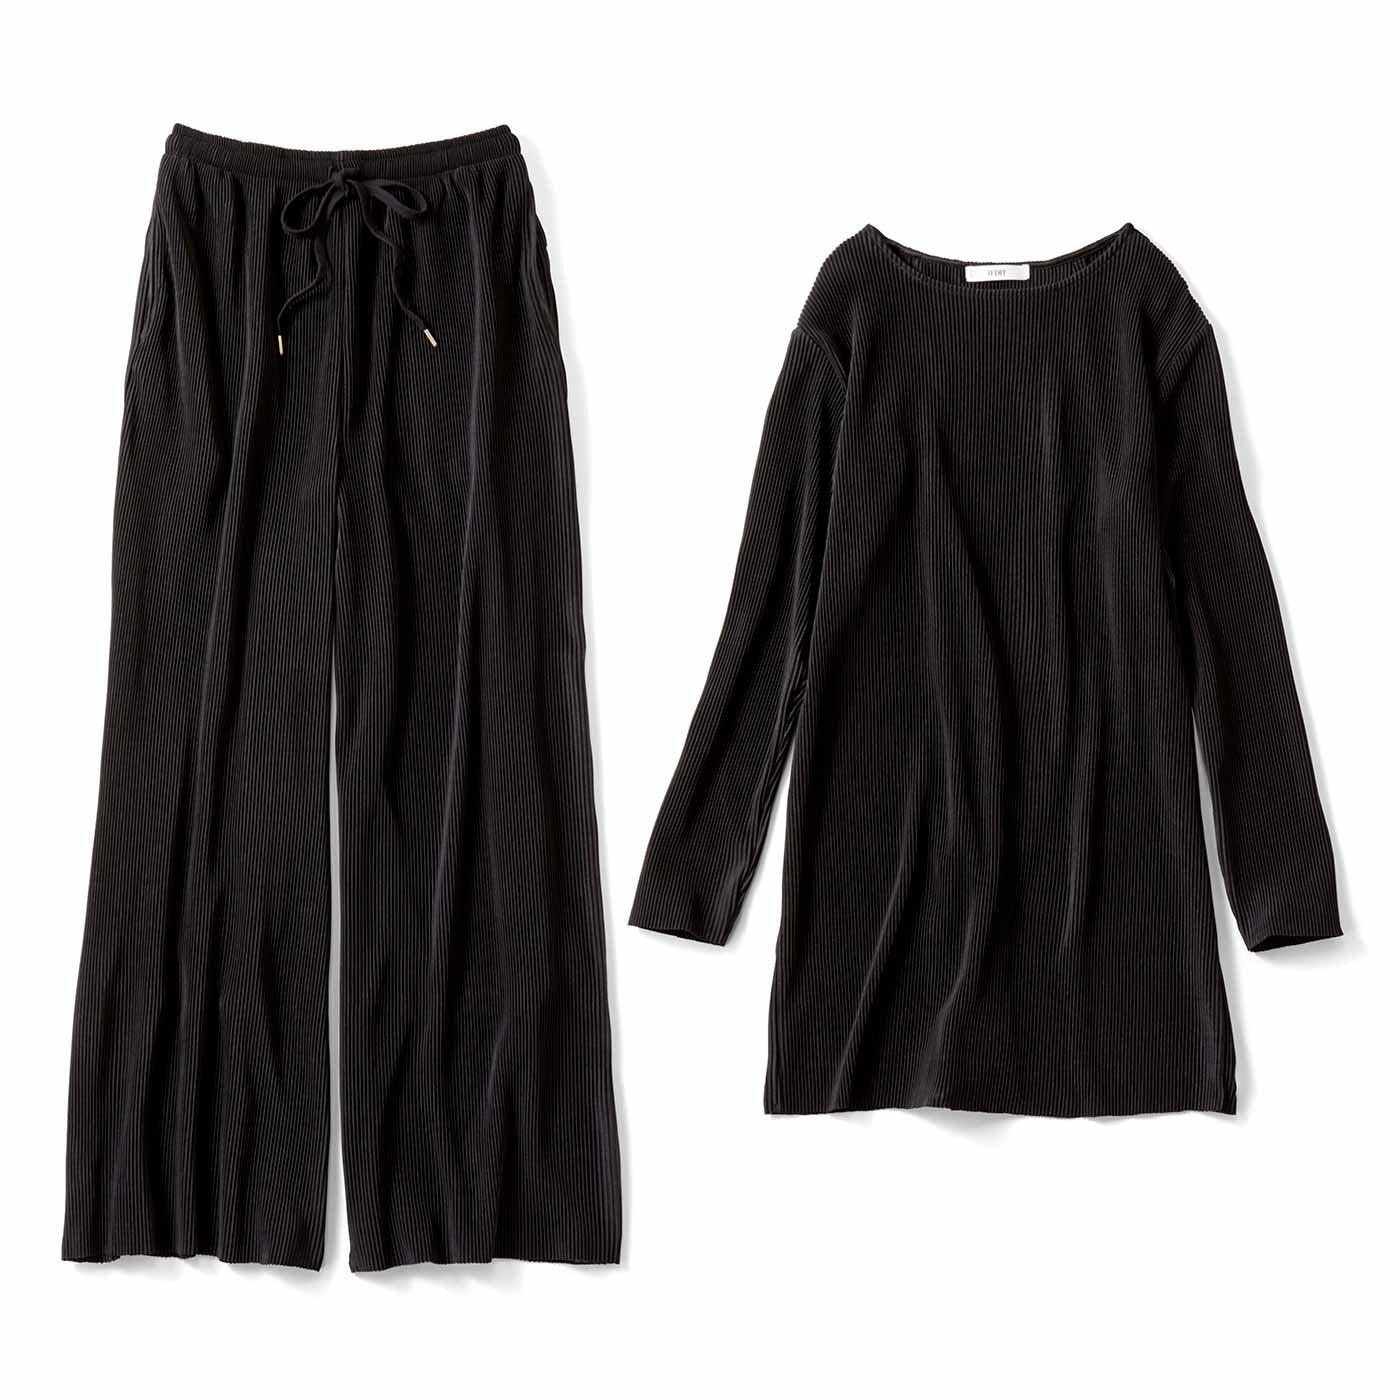 【3~10日でお届け】IEDIT[イディット] 着まわし便利な こなれプリーツカットソーセットアップ〈ブラック〉